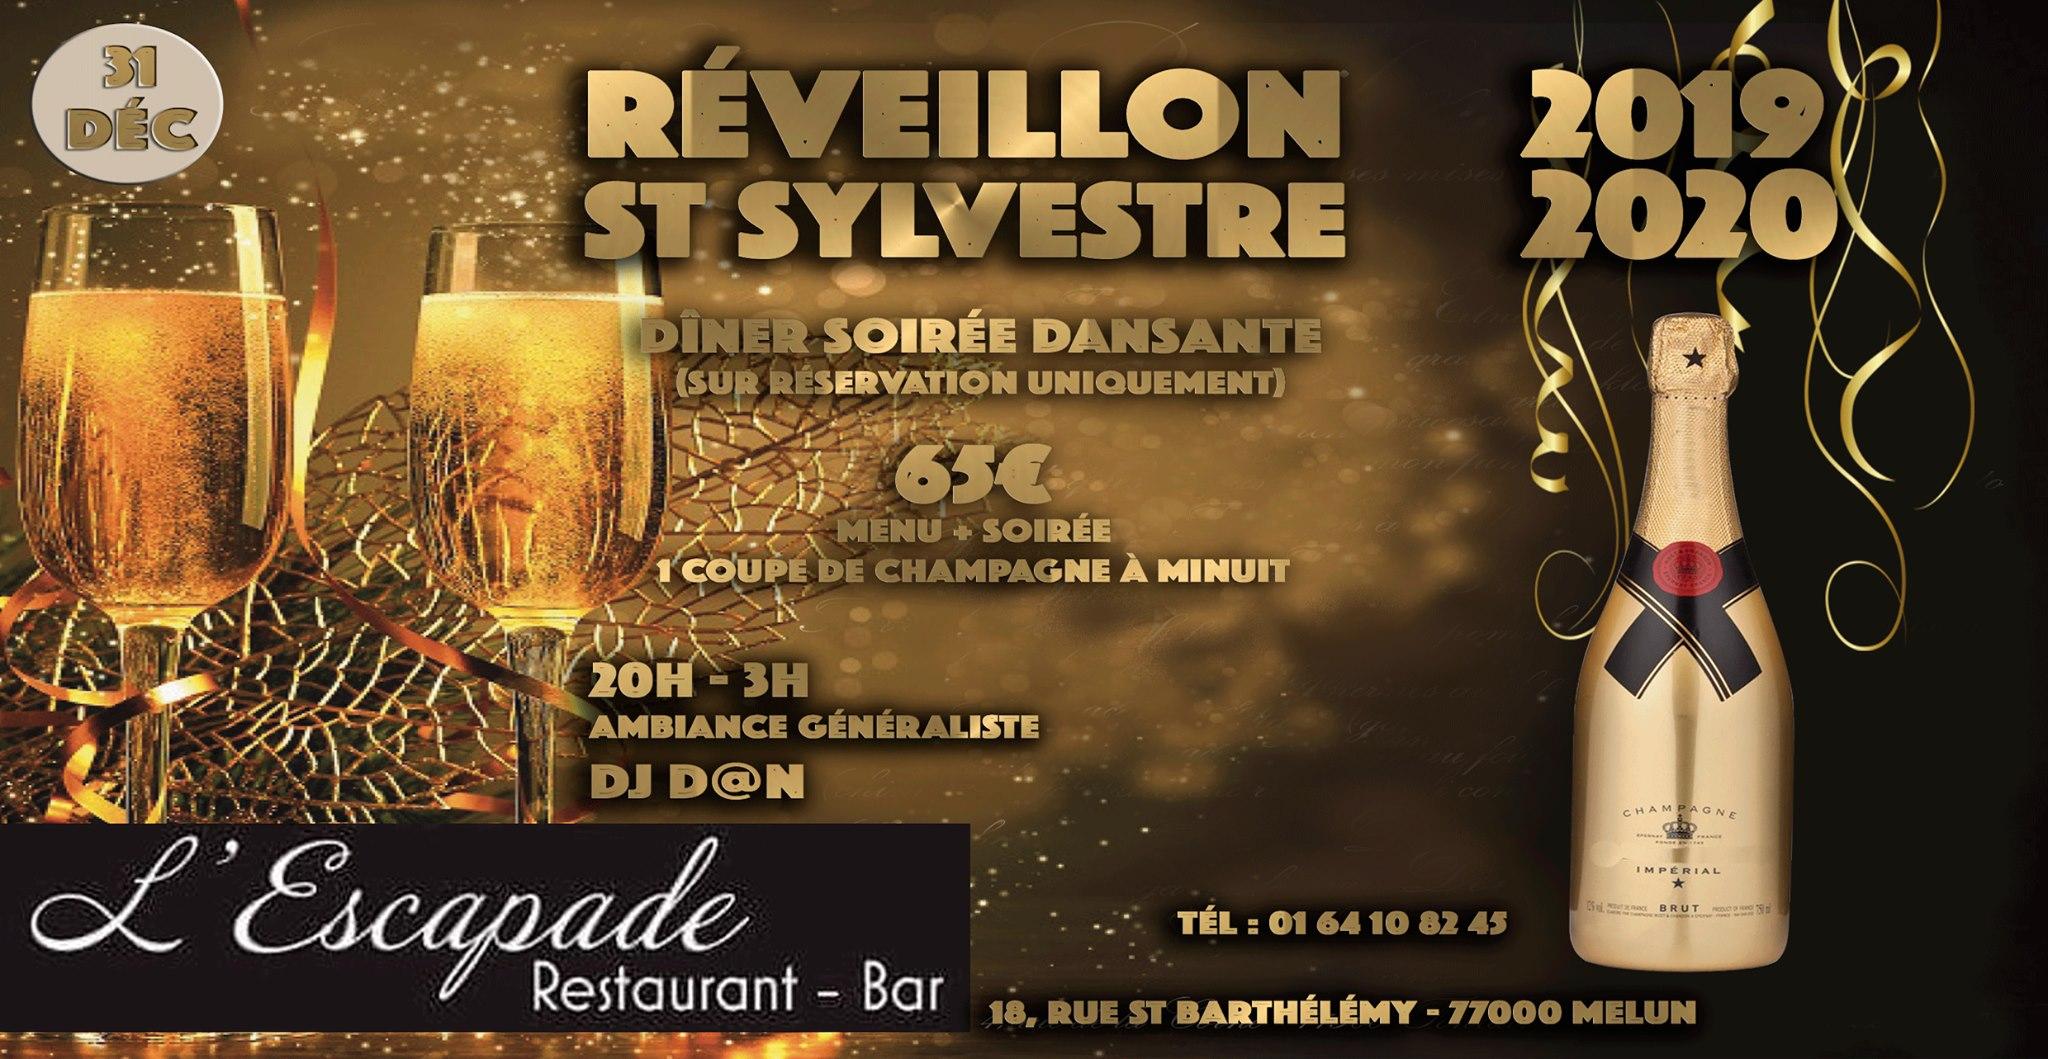 Saint Sylvestre 2019/2020